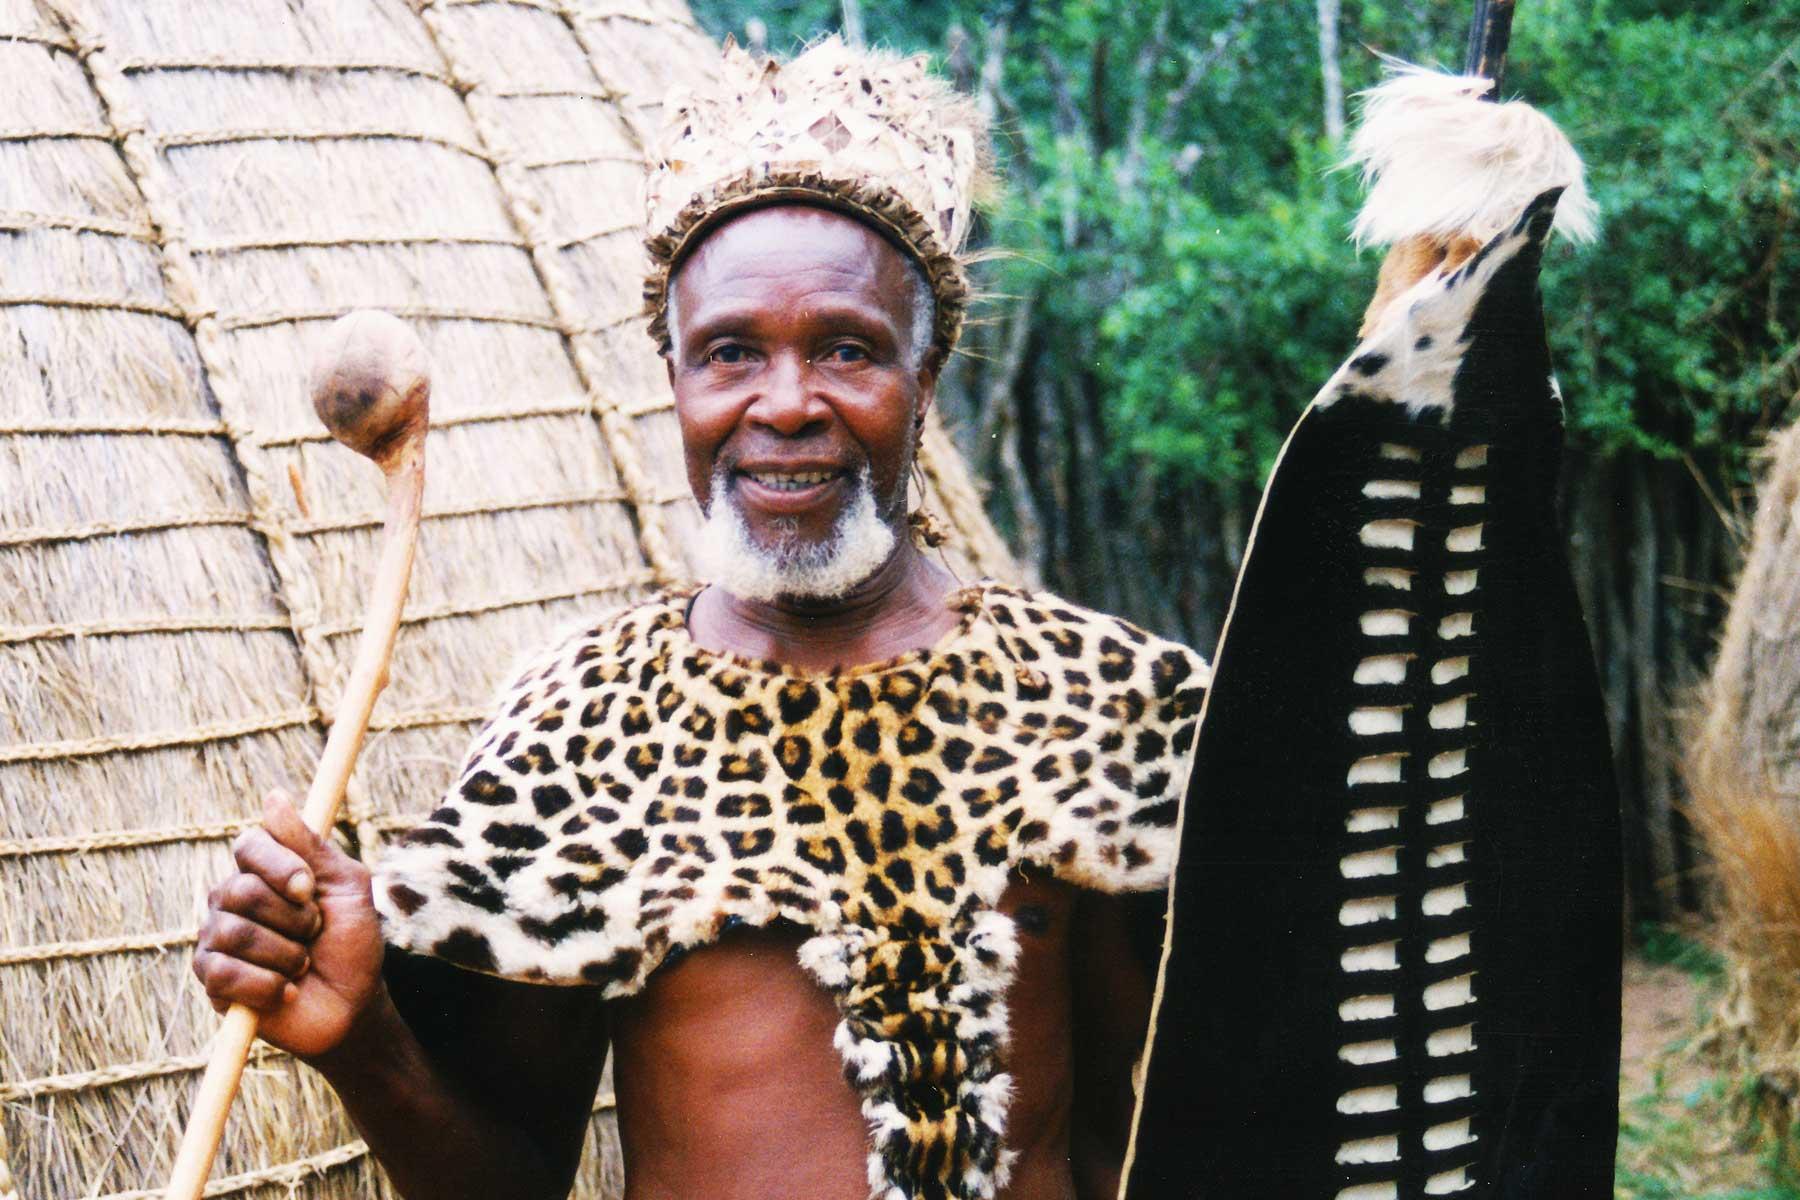 KwaZulu-Natal - Zulu Warrior - Steven Andrew Martin - South Africa Photo Journal - Zulu cultural park - Dr. Steven Martin